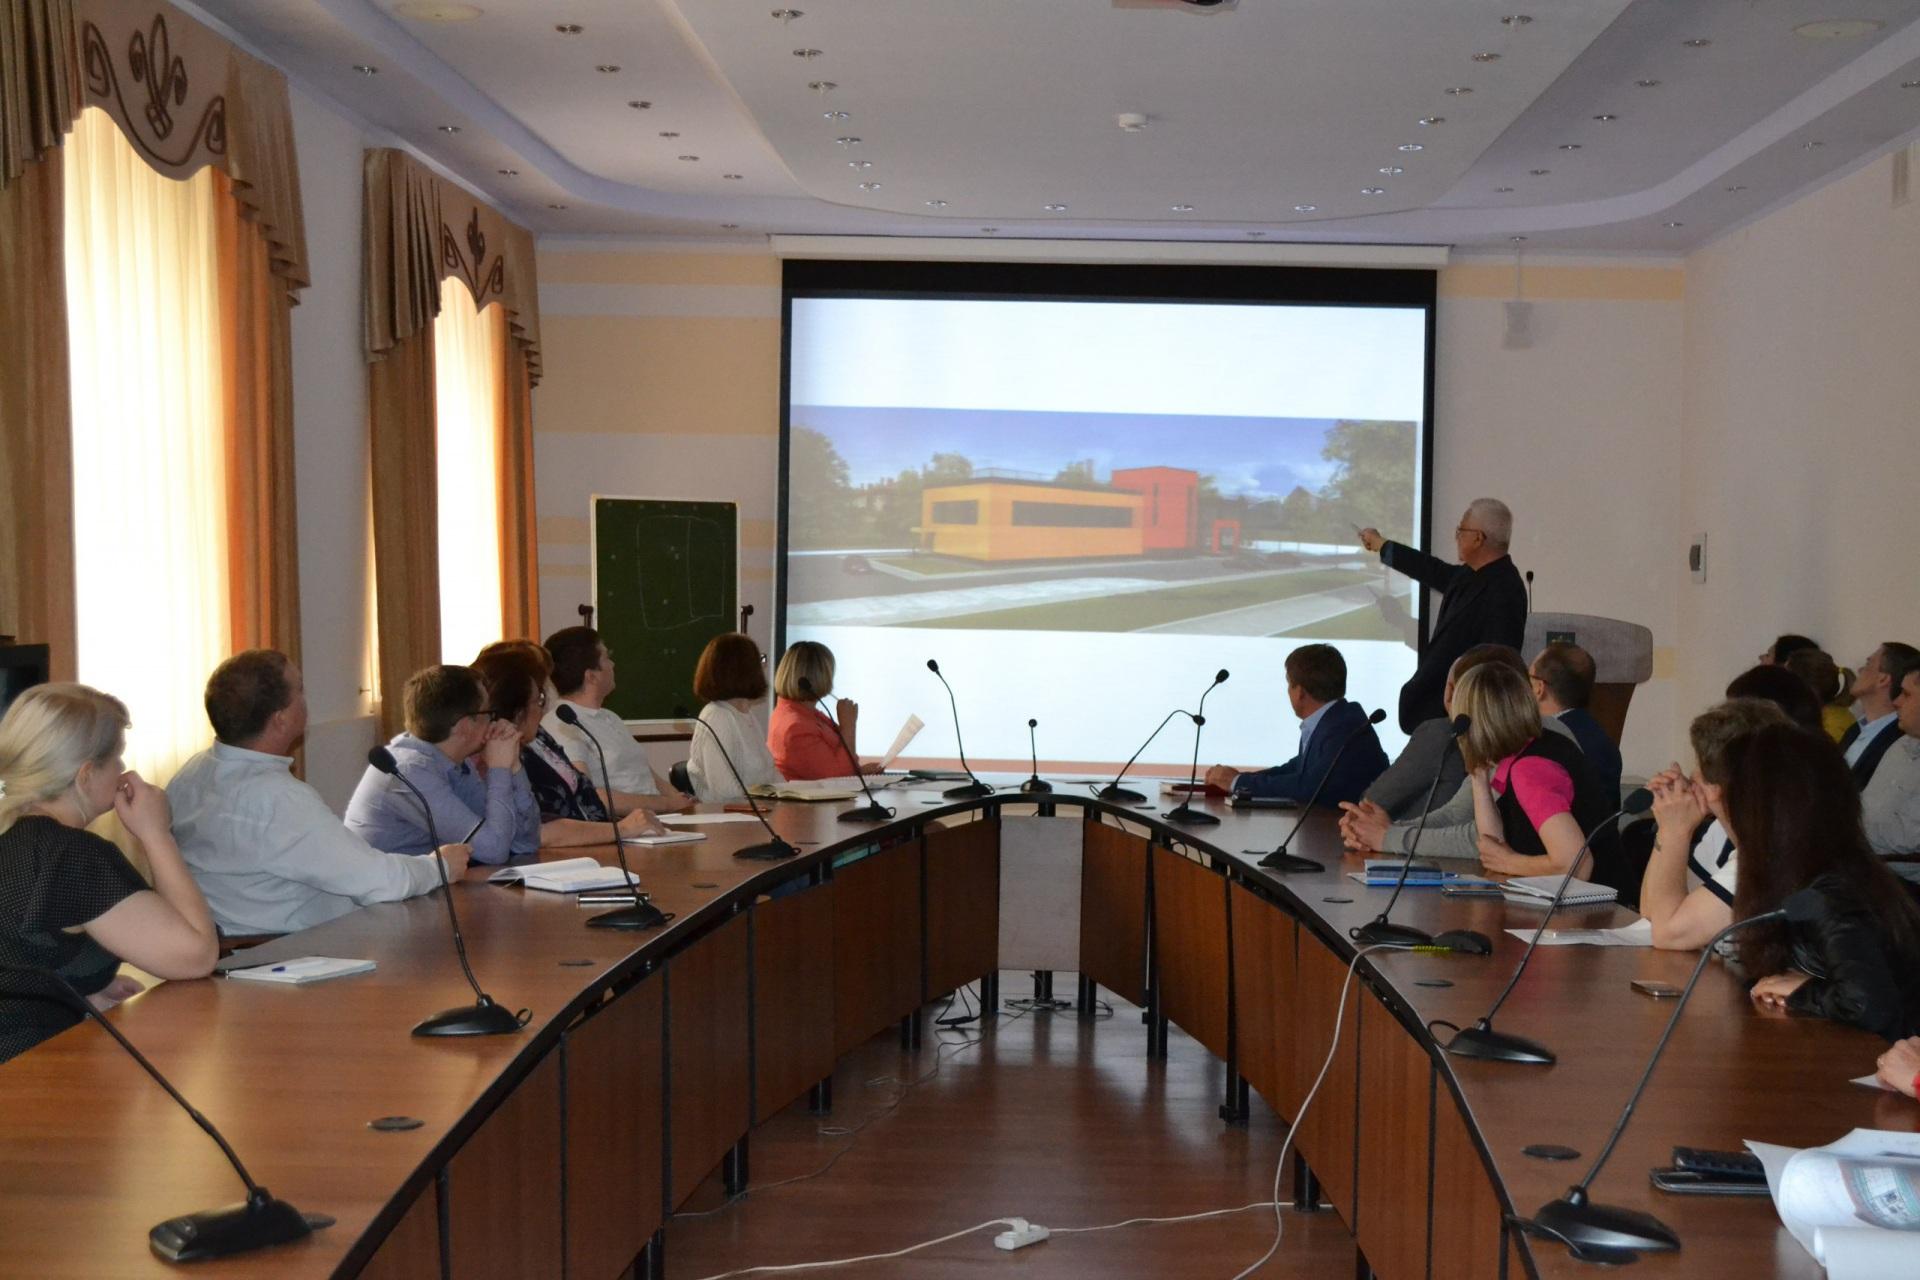 Жителям Выльгорта предложили высказаться о строительстве спорткомплекса в центре села